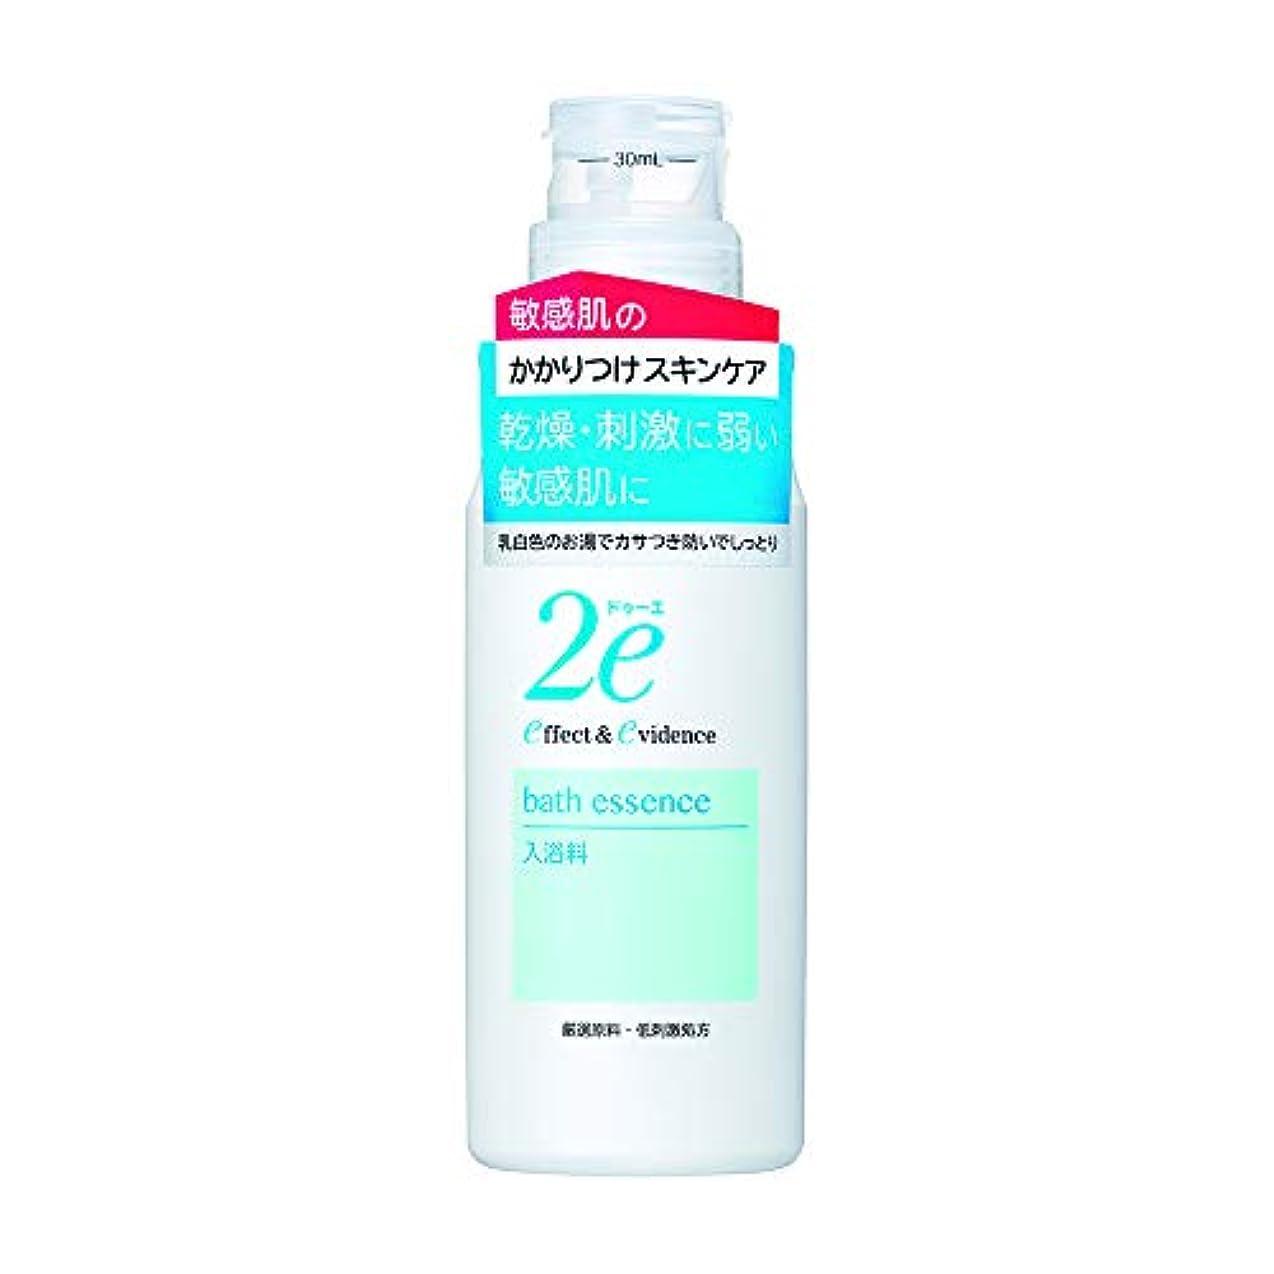 テレビ活性化する雄弁な2e(ドゥーエ) 入浴料 敏感肌用 低刺激処方 乳白色 420ml 入浴剤